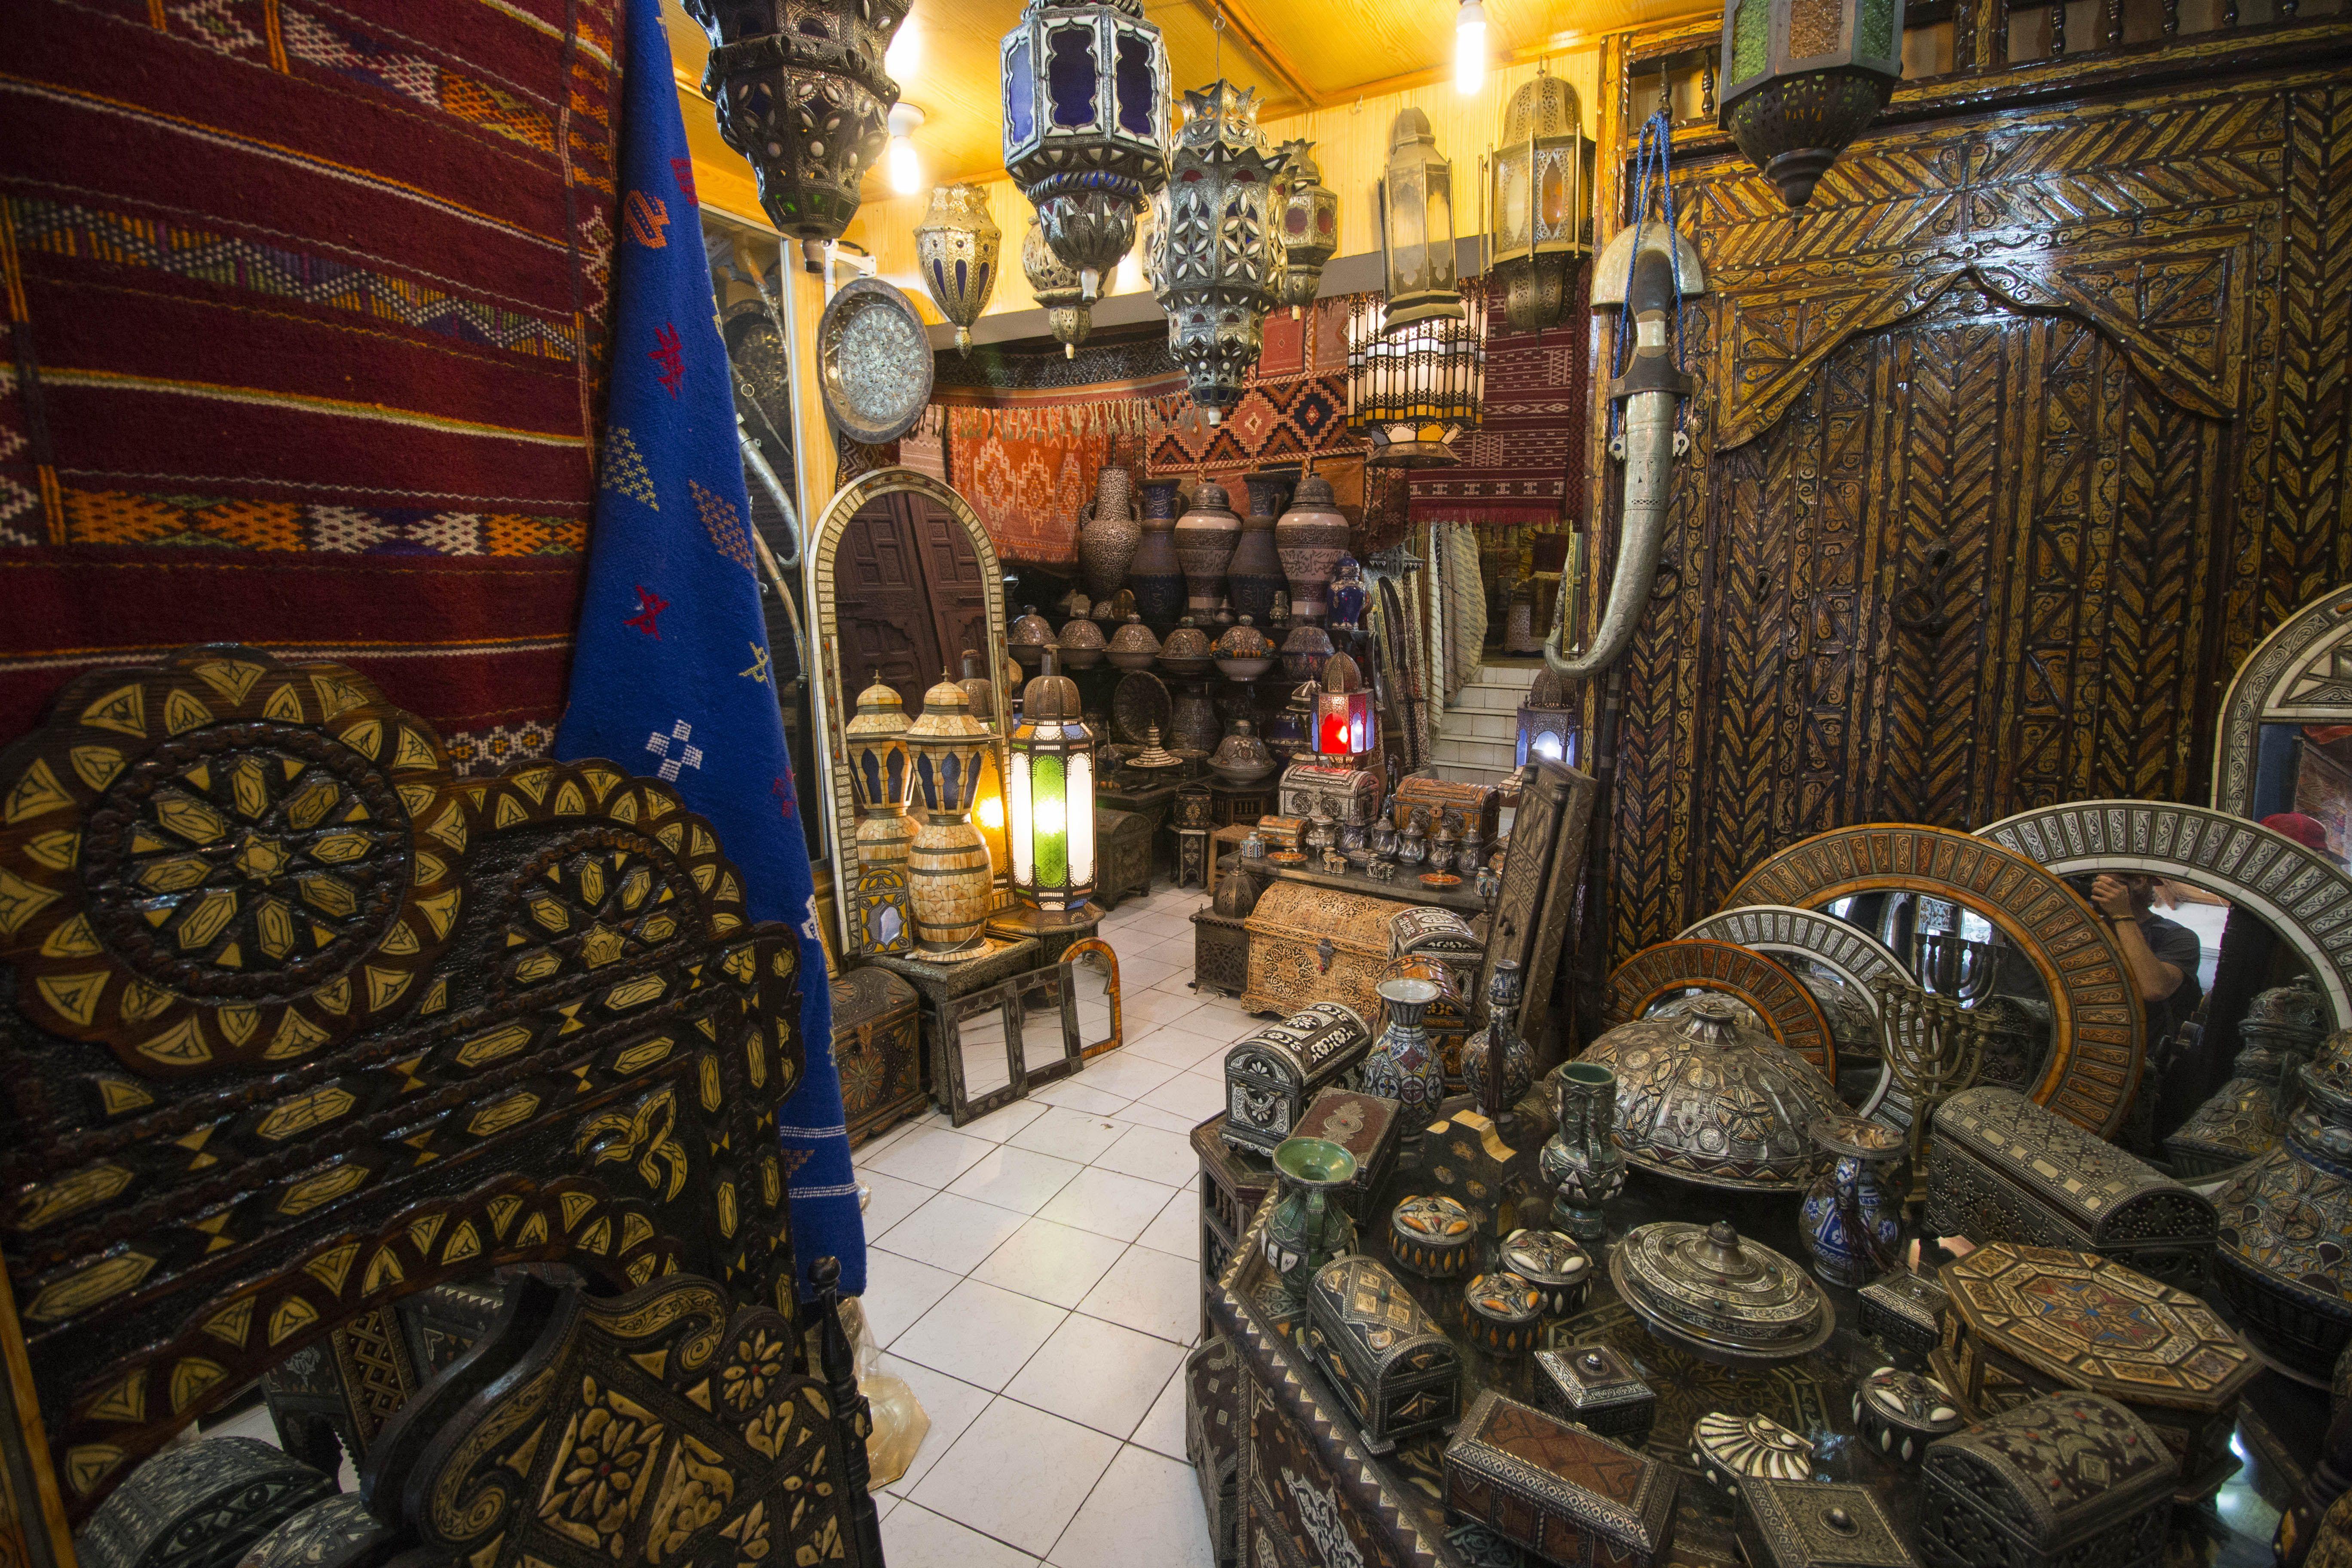 a peek inside a shop in Fez